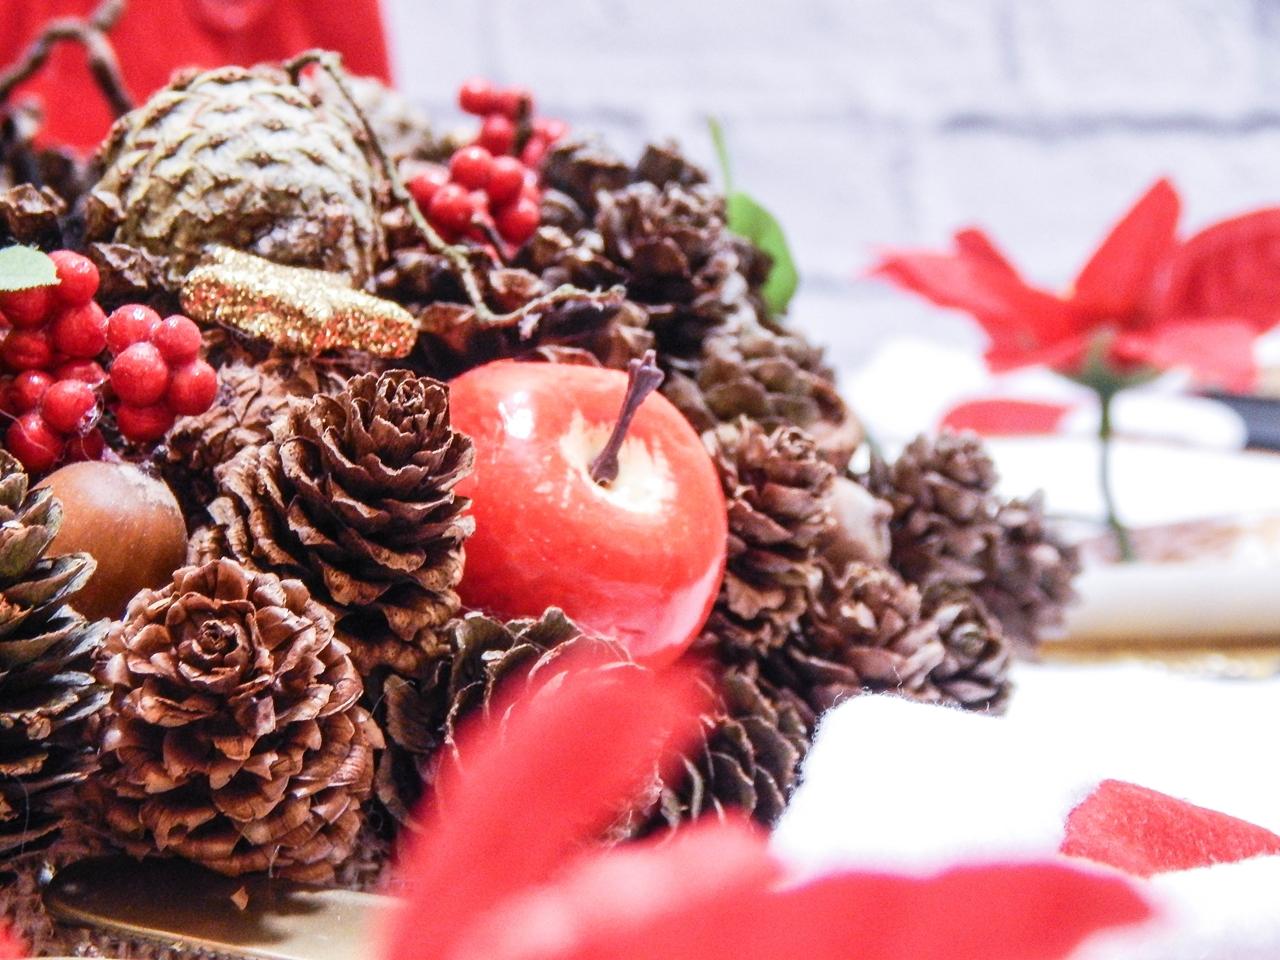 1 dekoracja świątecznego stołu jak udekorować stół na boże narodzenie dekoracja kolacja wigilijna dekoracja stroik na stół wigilijny wianek świeczka mikołajowe ubrania na butelki mikołaje na sztućce